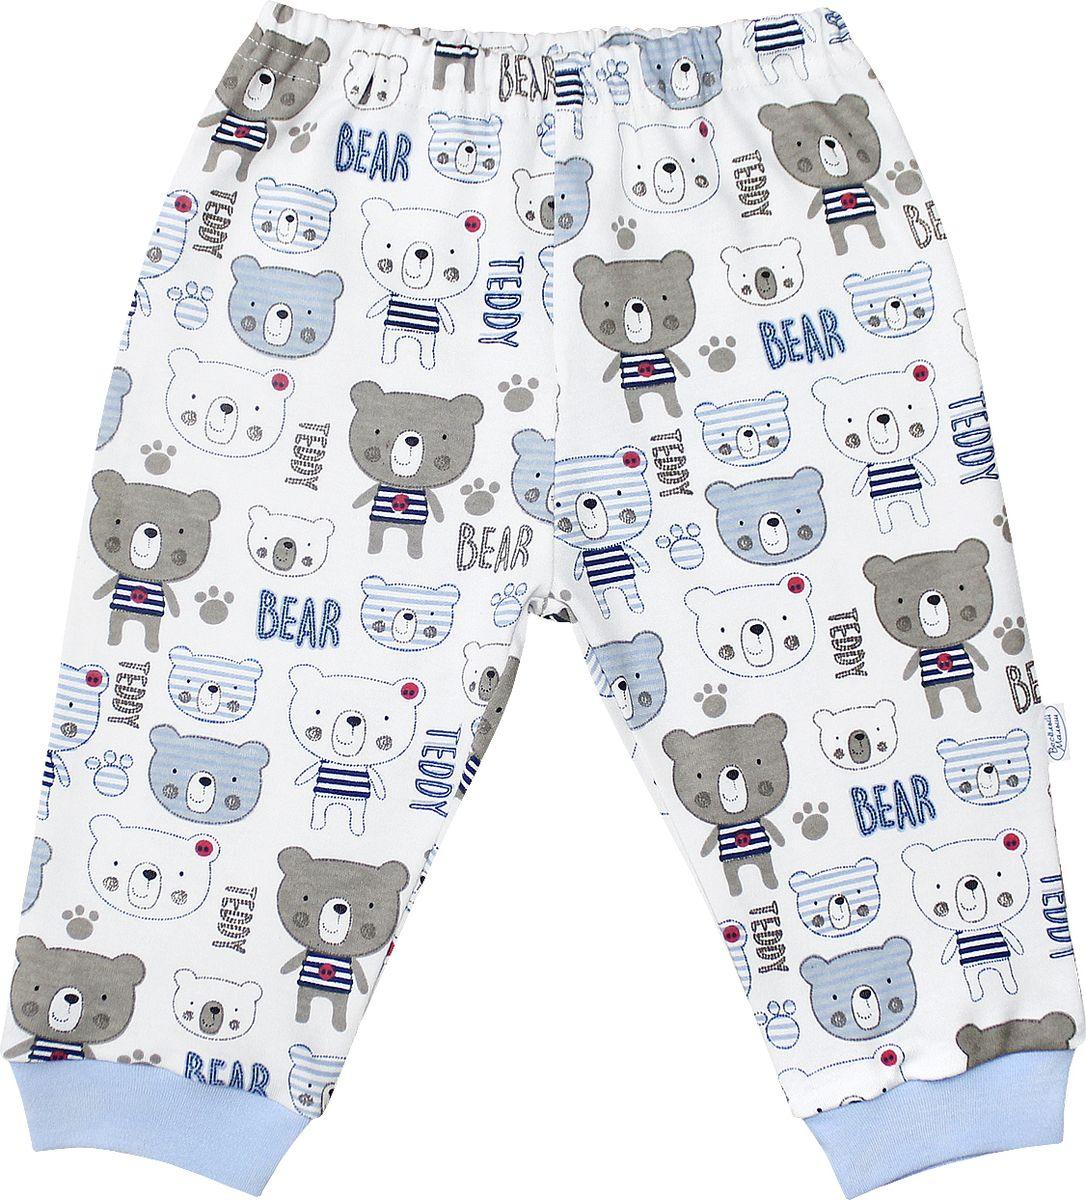 Штанишки для мальчика Веселый малыш Мишка-Тедди, цвет: белый, голубой. 33320/мт-F (1)_набивка. Размер 86 брюки джинсы и штанишки веселый малыш штанишки мото